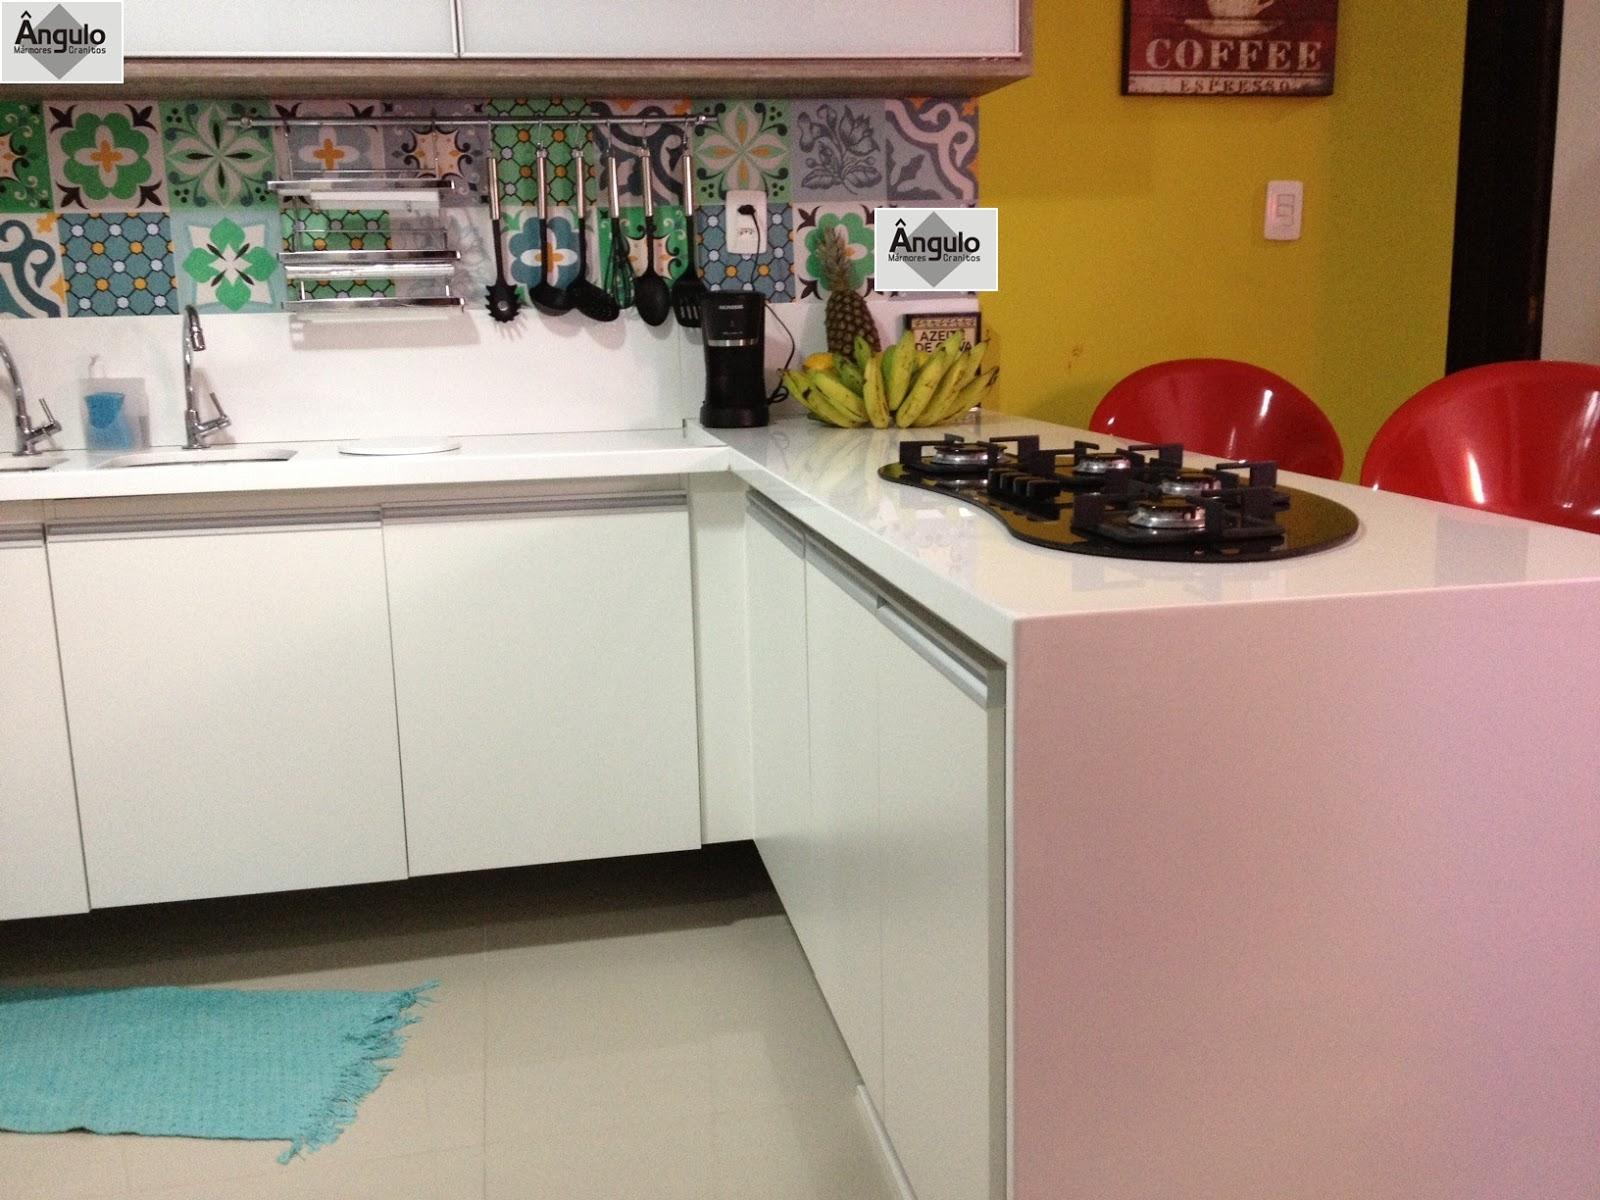 Ângulo Mármores e Granitos: Cozinha Balcão e Mesa em Nanoglass #AB8220 1600x1200 Balcao Banheiro Fabrica